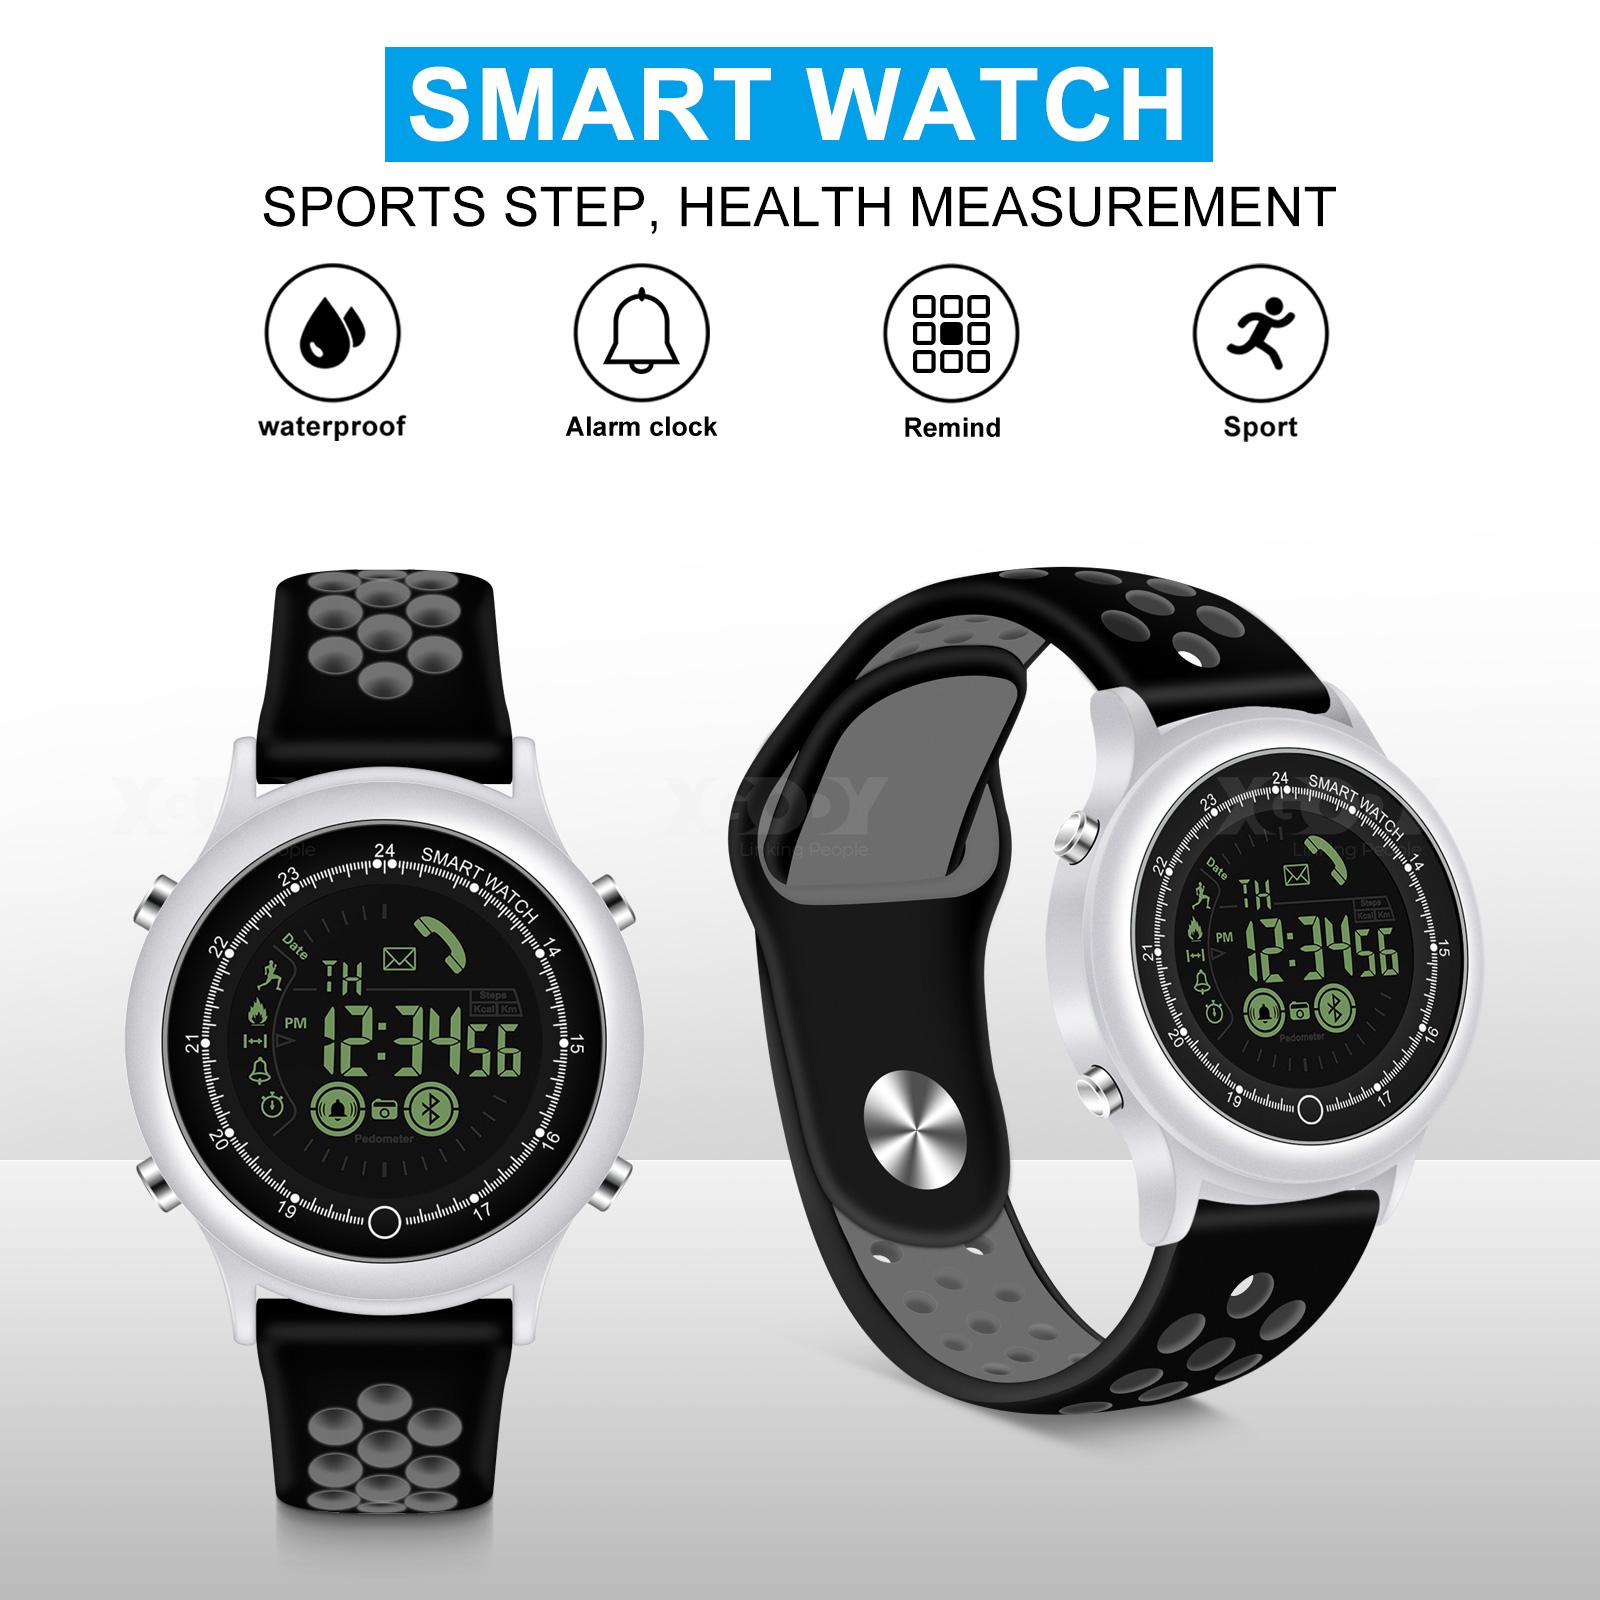 XGODY Waterproof Smart Watch Stopwatch Swimming Fitness Trac